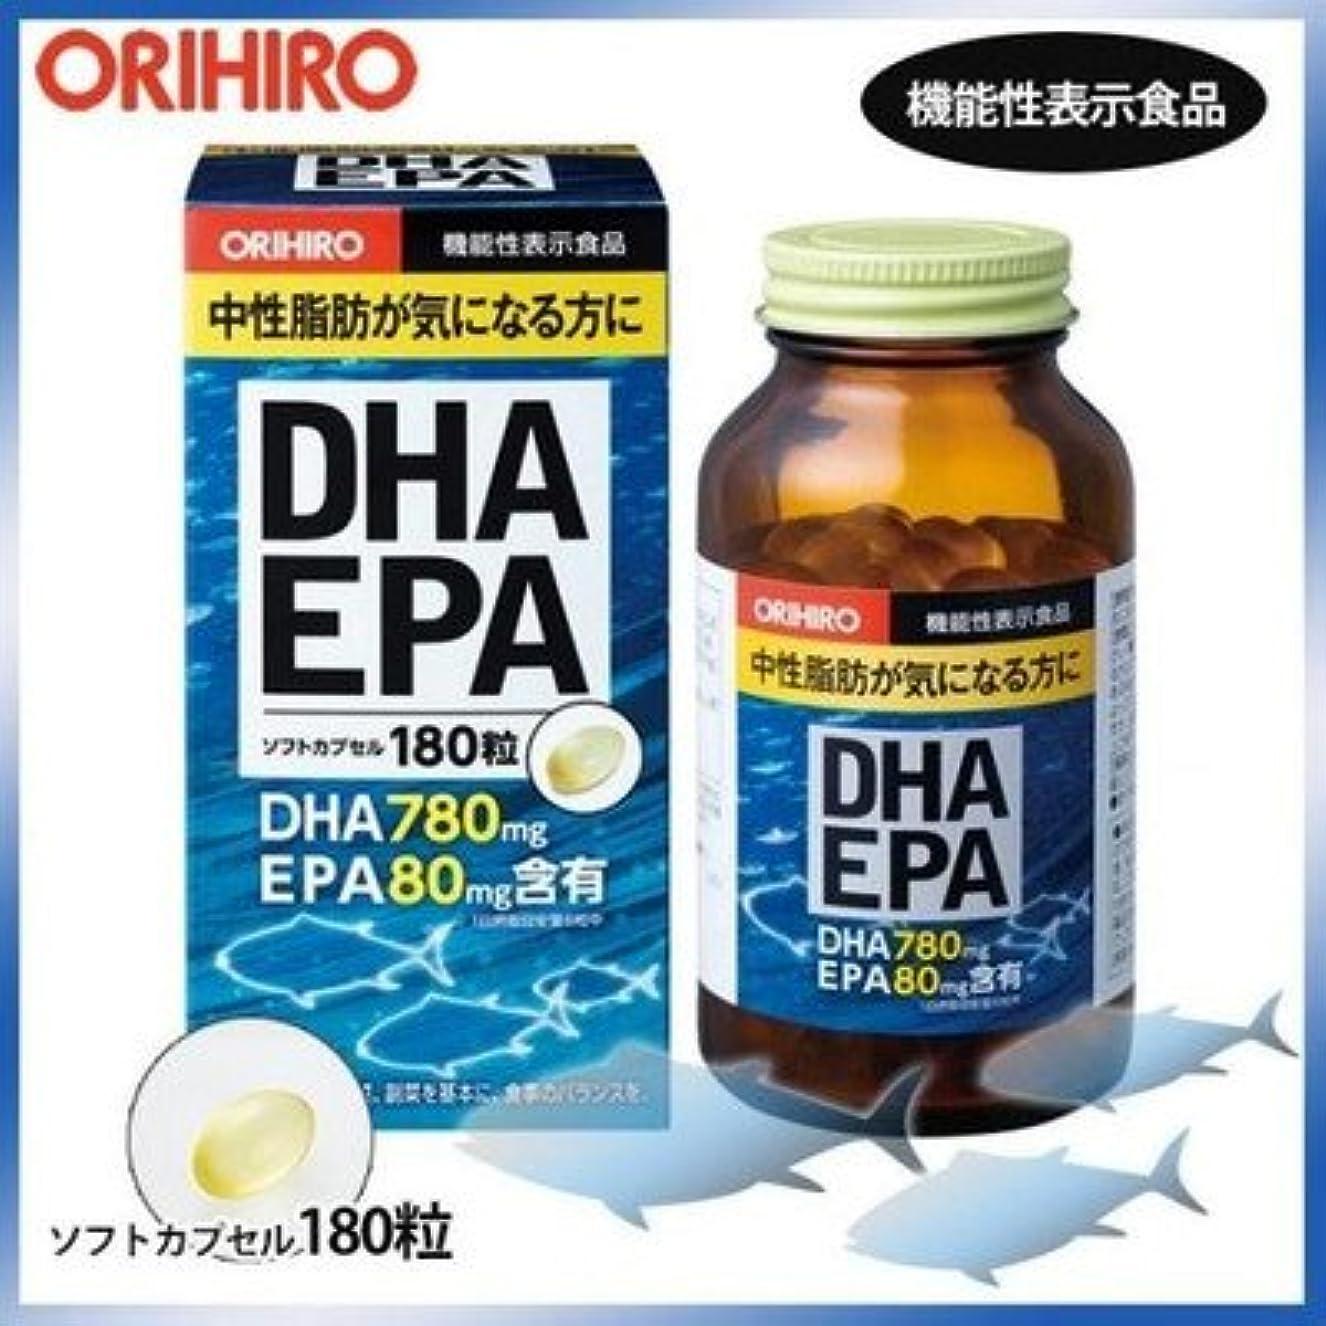 重要な若さモネオリヒロ 機能性表示食品 DHA&EPA ソフトカプセル 180粒(1粒511mg/内容液357mg) 60208210